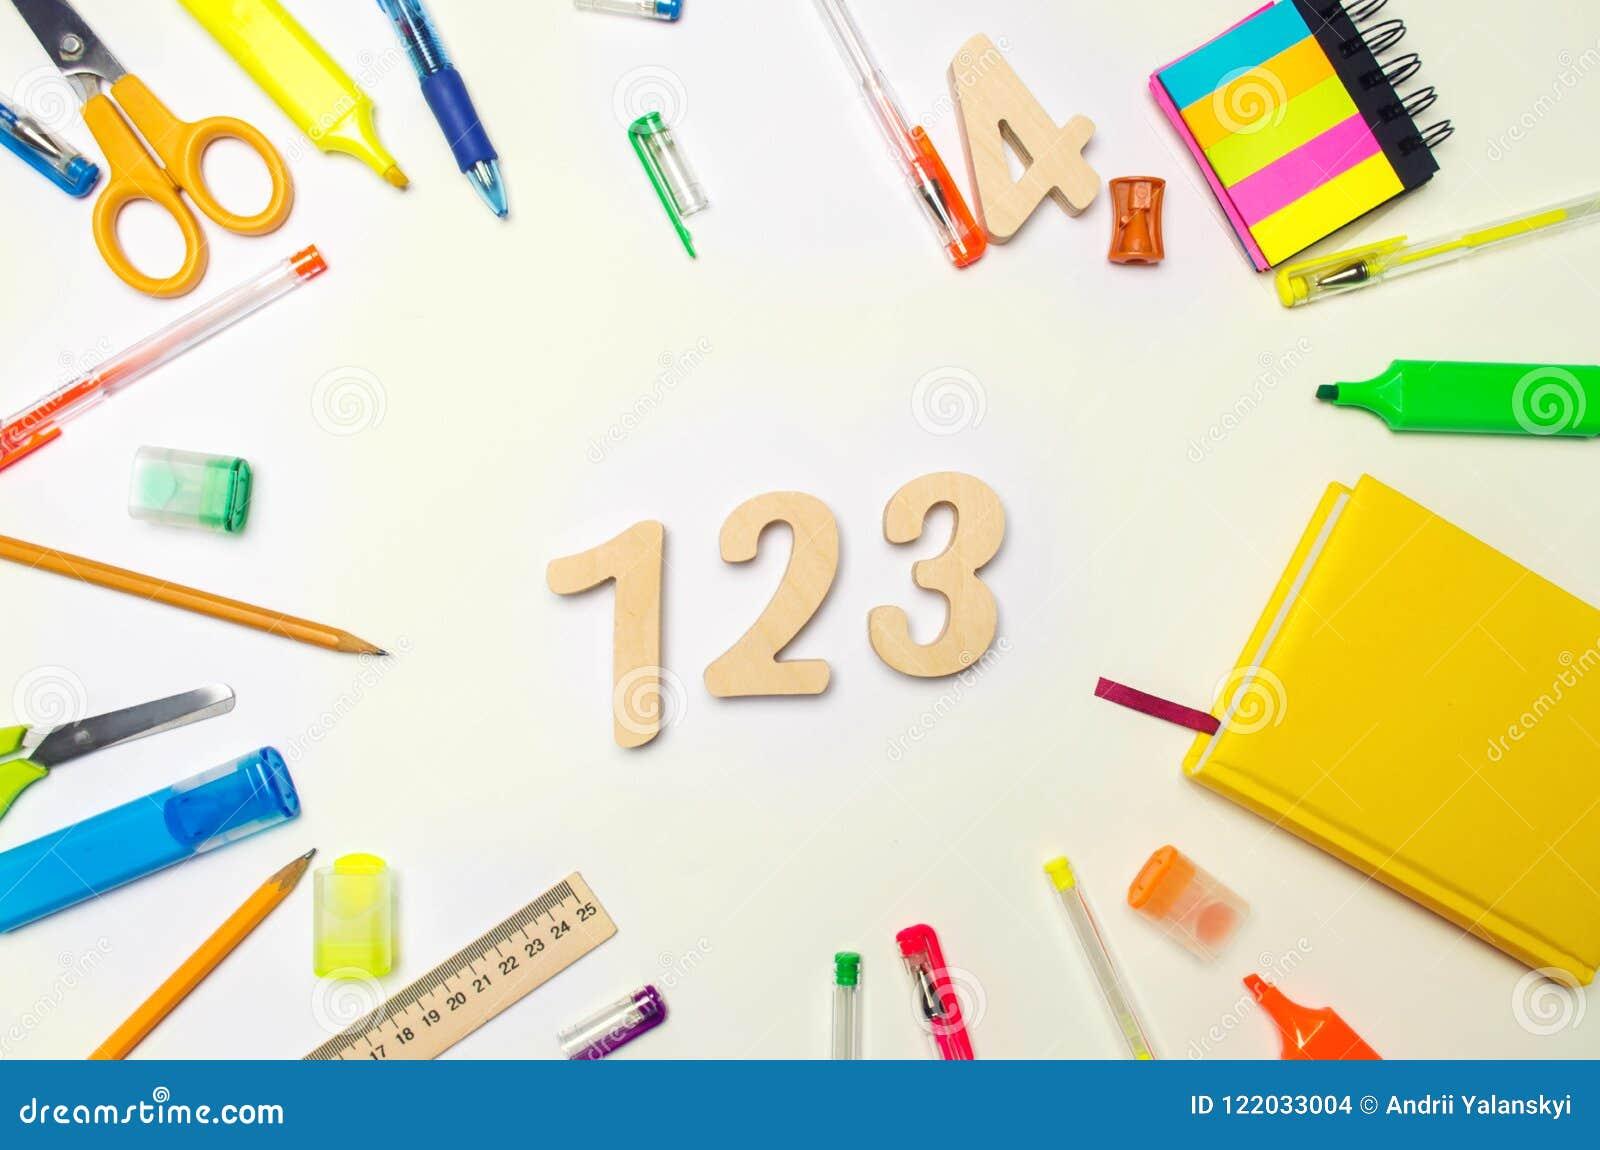 Matemáticas números 1, 2, 3 en el escritorio de la escuela Concepto de educación De nuevo a escuela papel Fondo blanco etiquetas